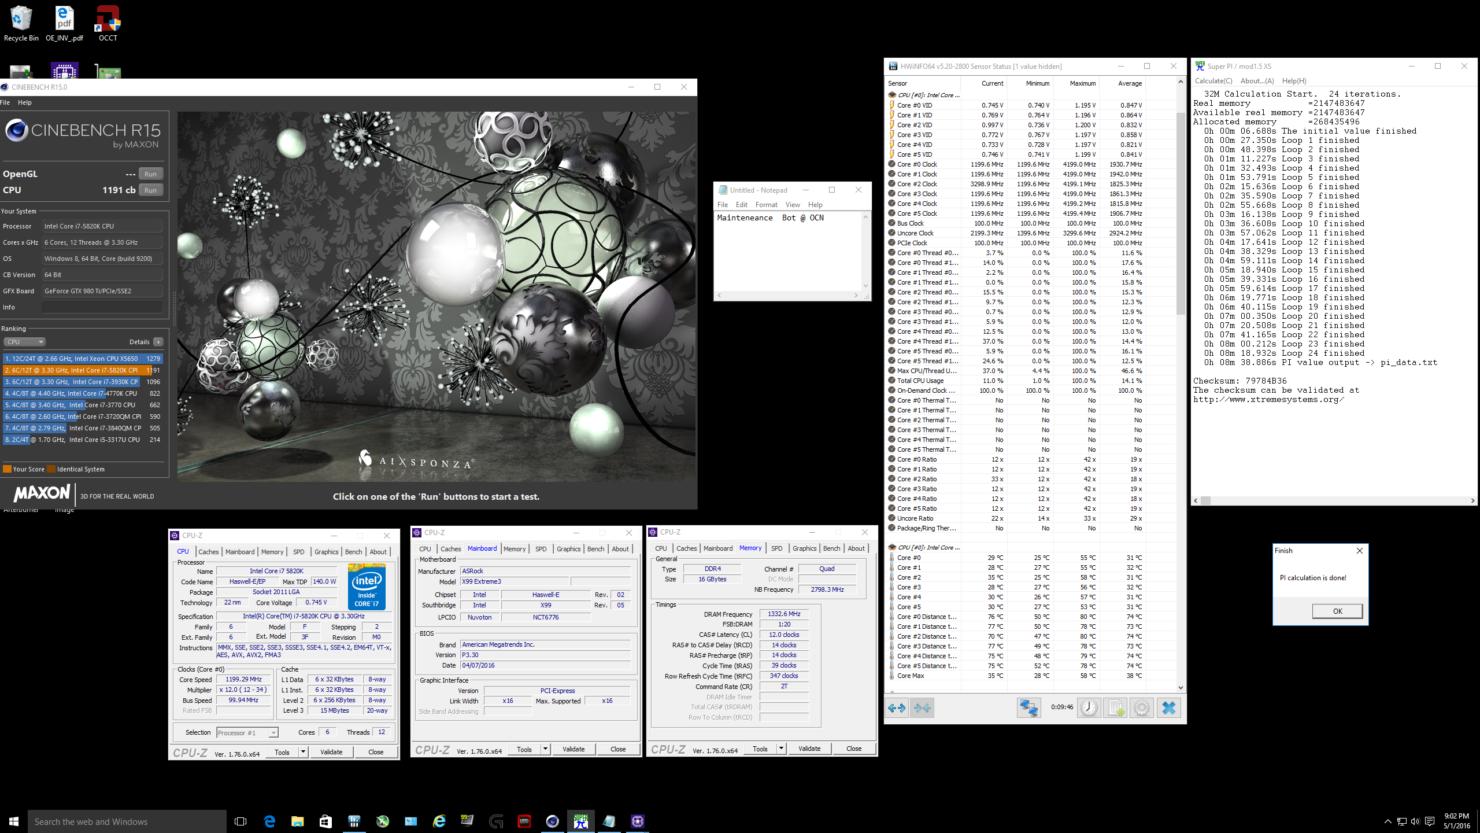 intel-core-i7-6850k-broadwell-e-processor_bench_2